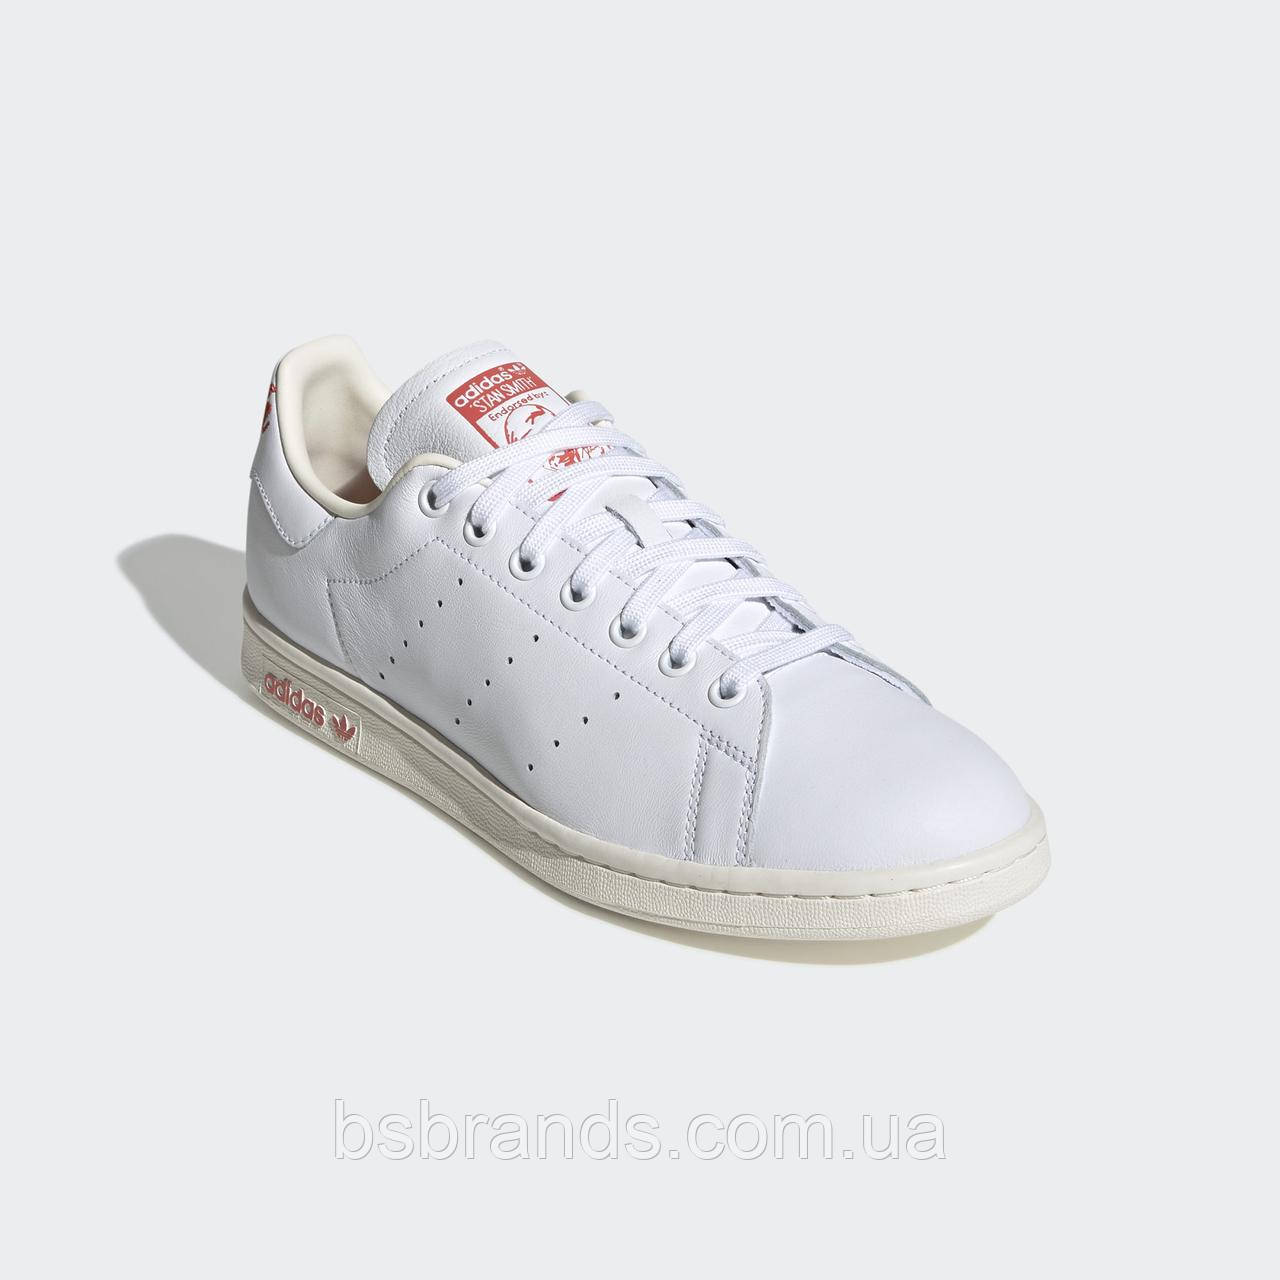 Мужские кроссовки adidas Stan Smith EF4258